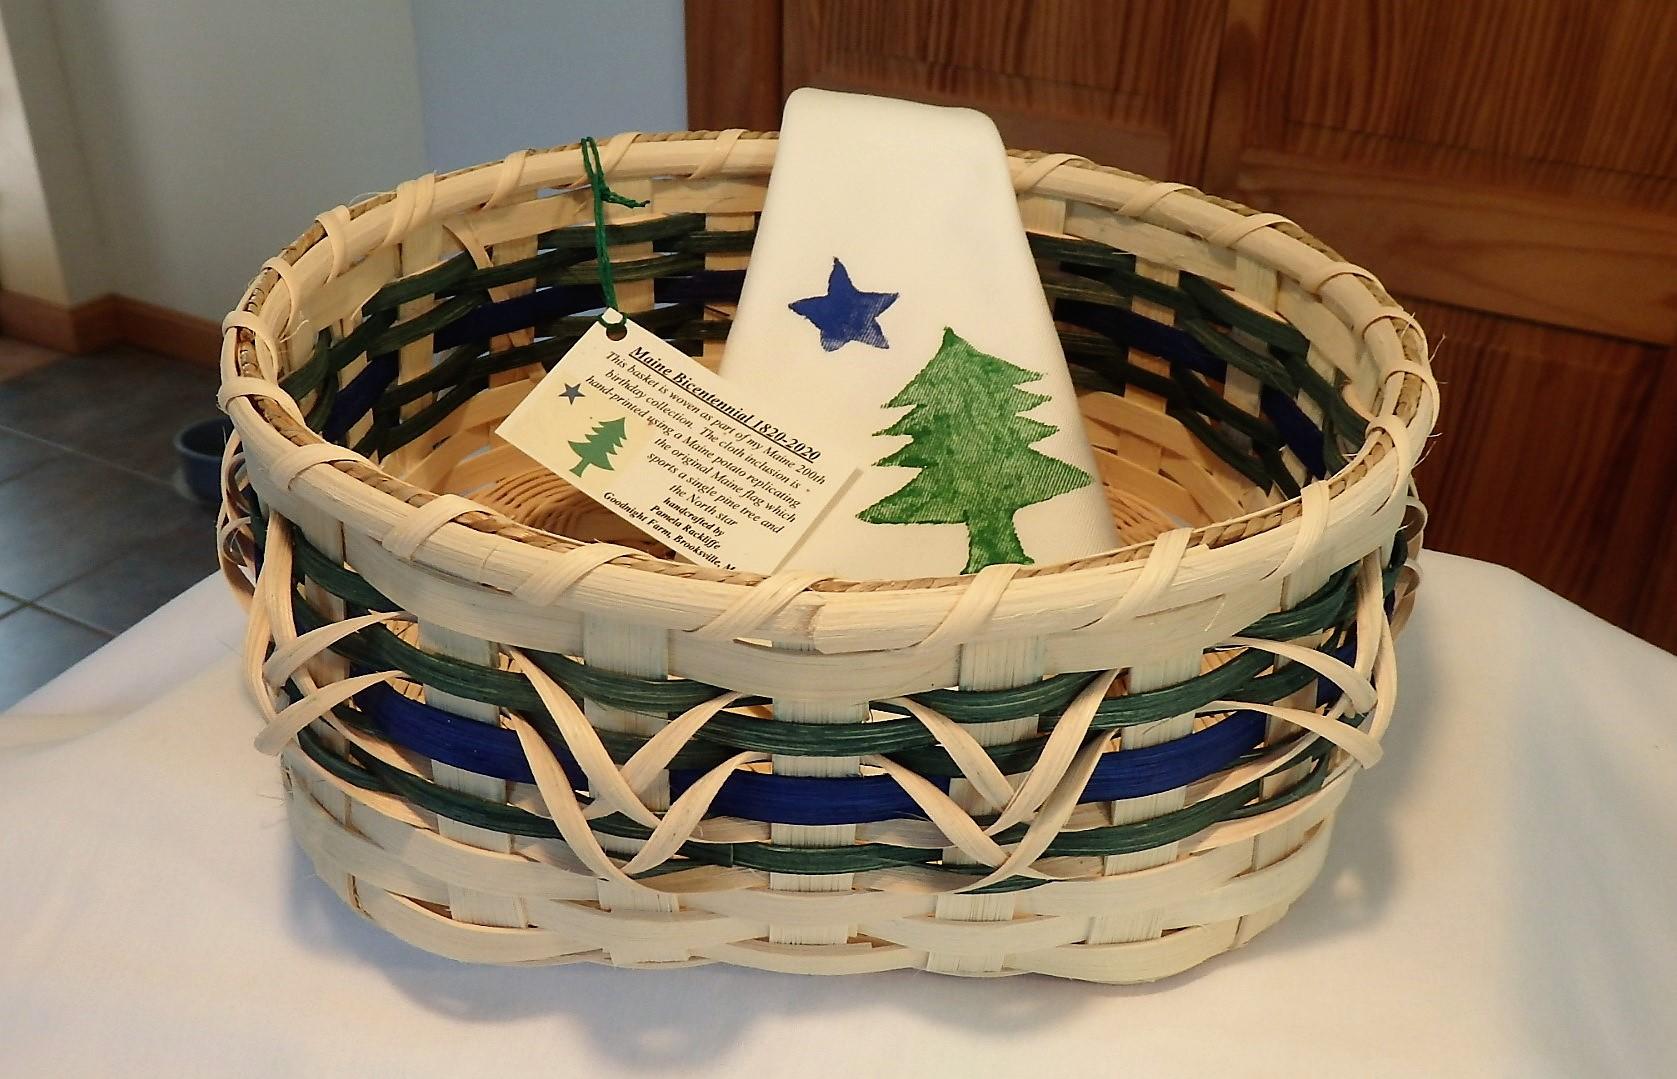 Maine Bicentennial bread basket (round)